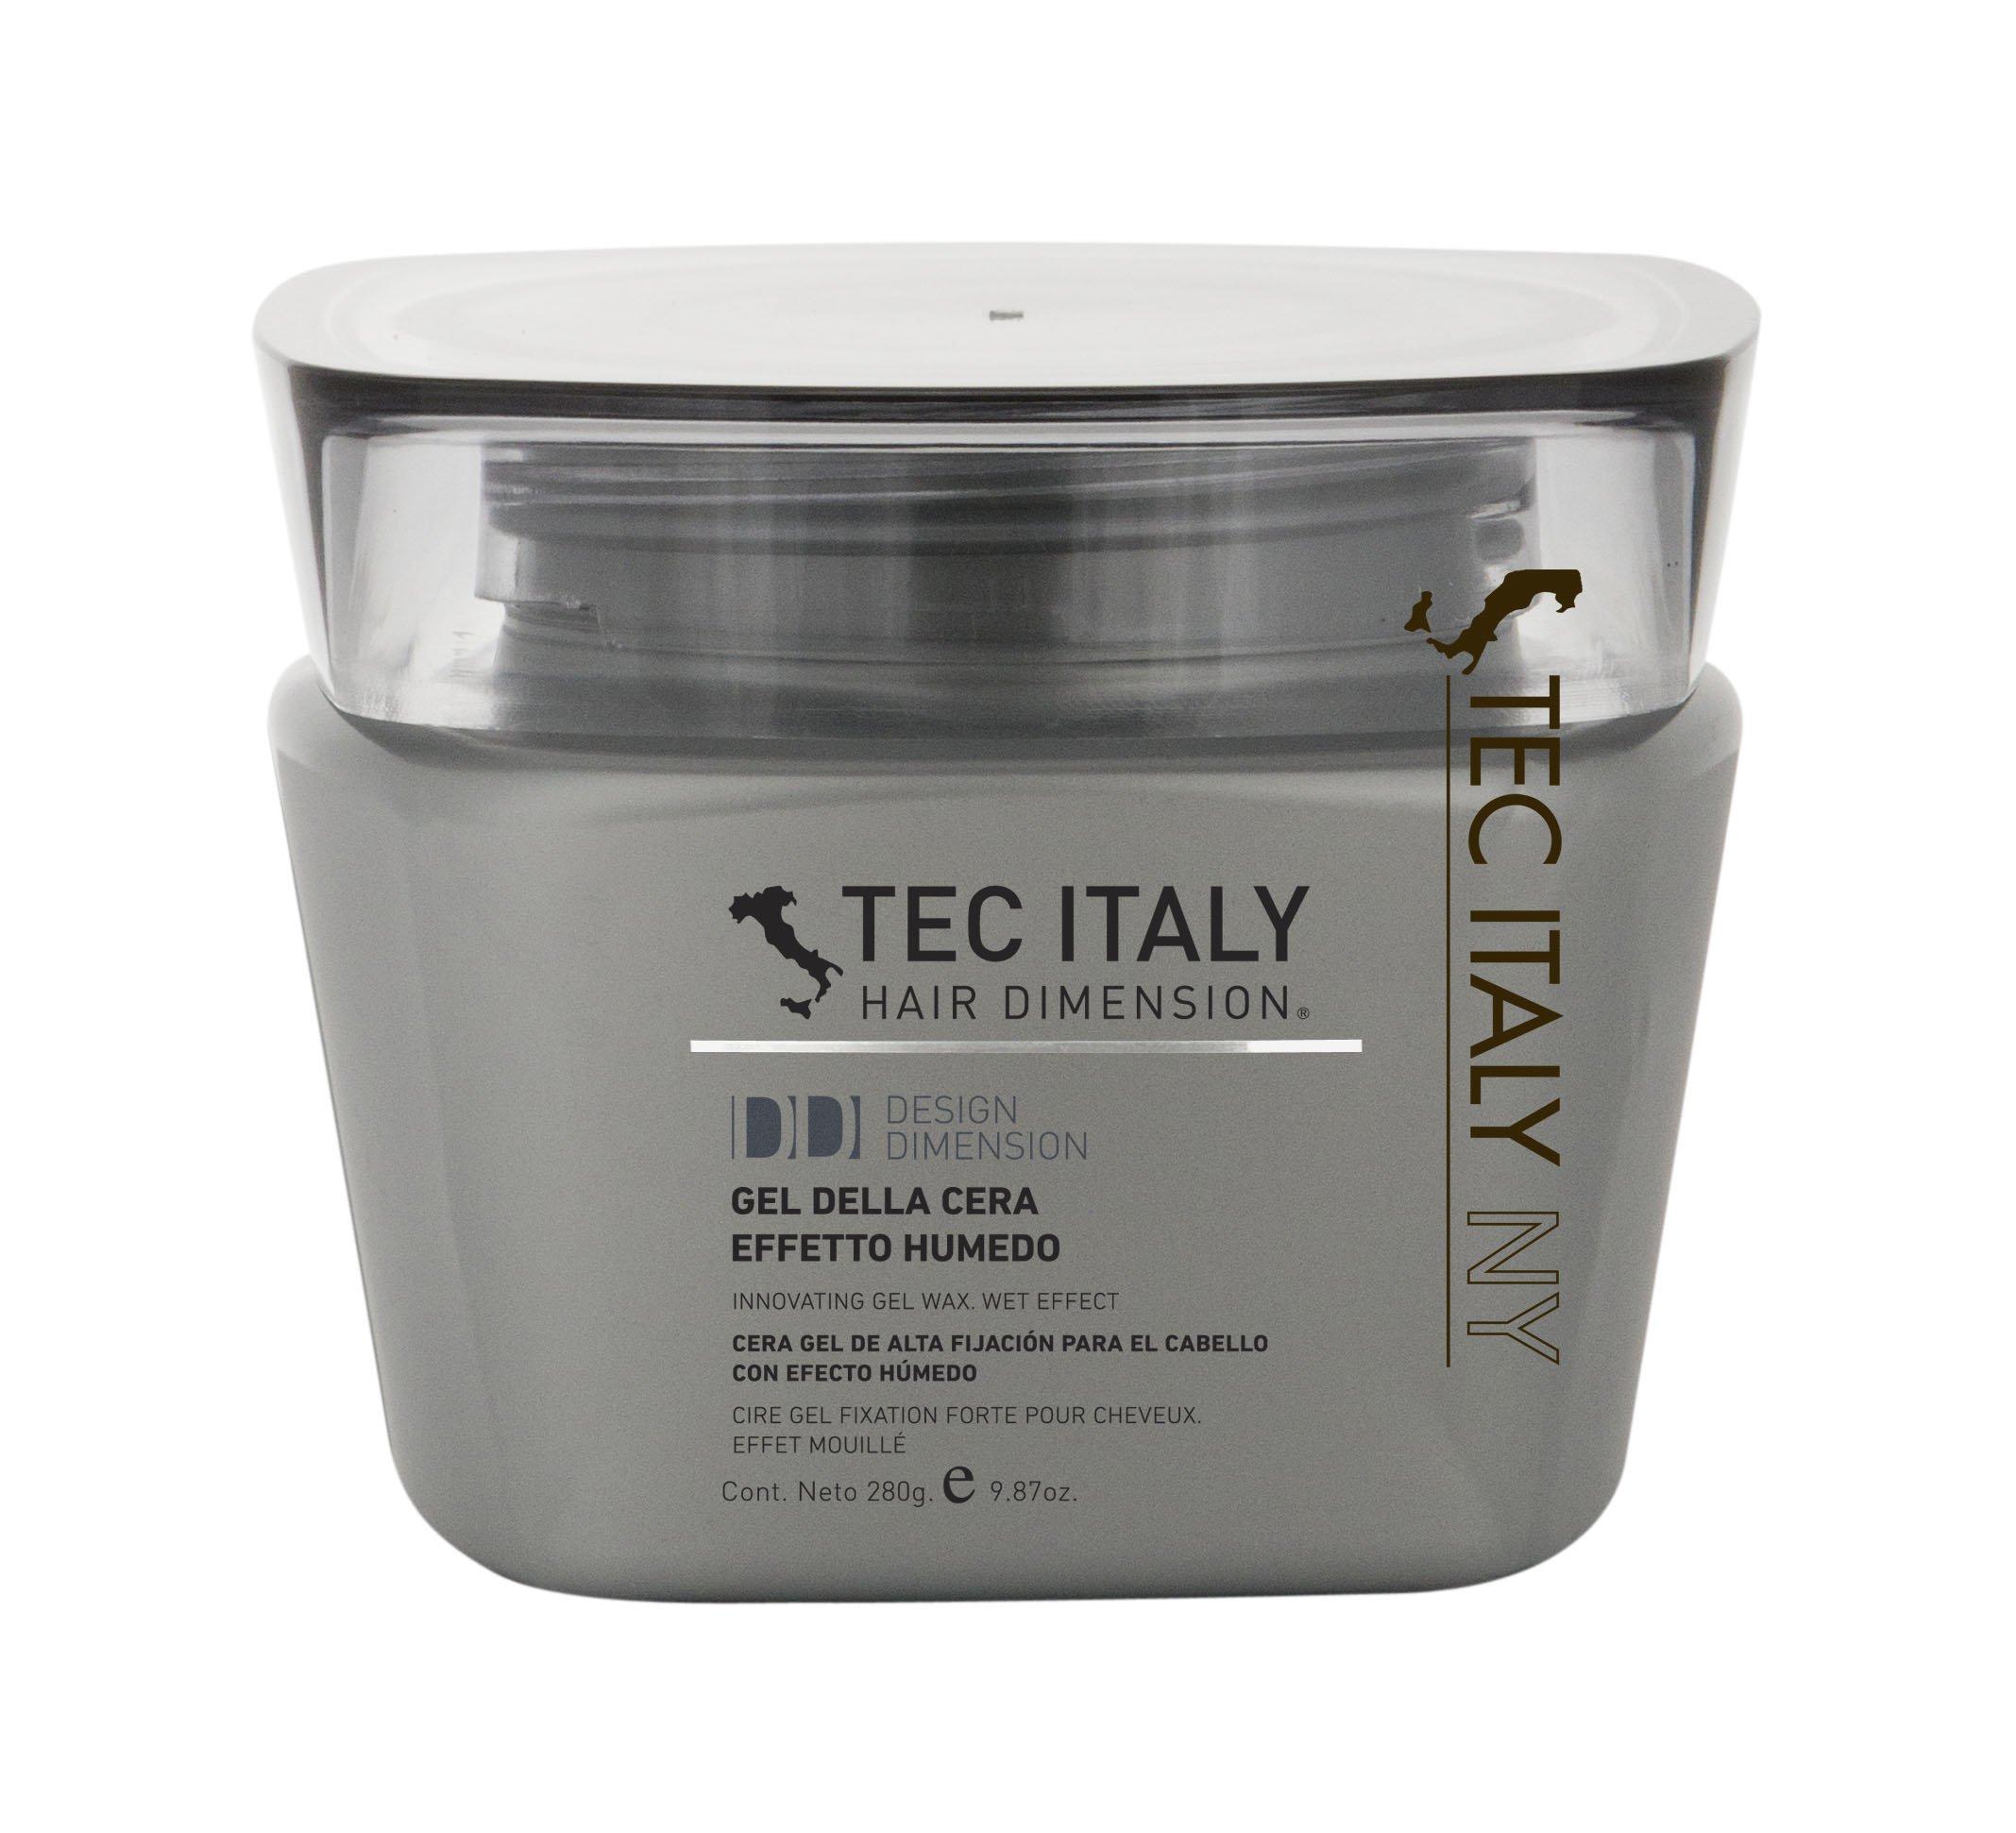 Tec Italy Gel Della Cera Effetto Humedo - 280 g/9.8 oz